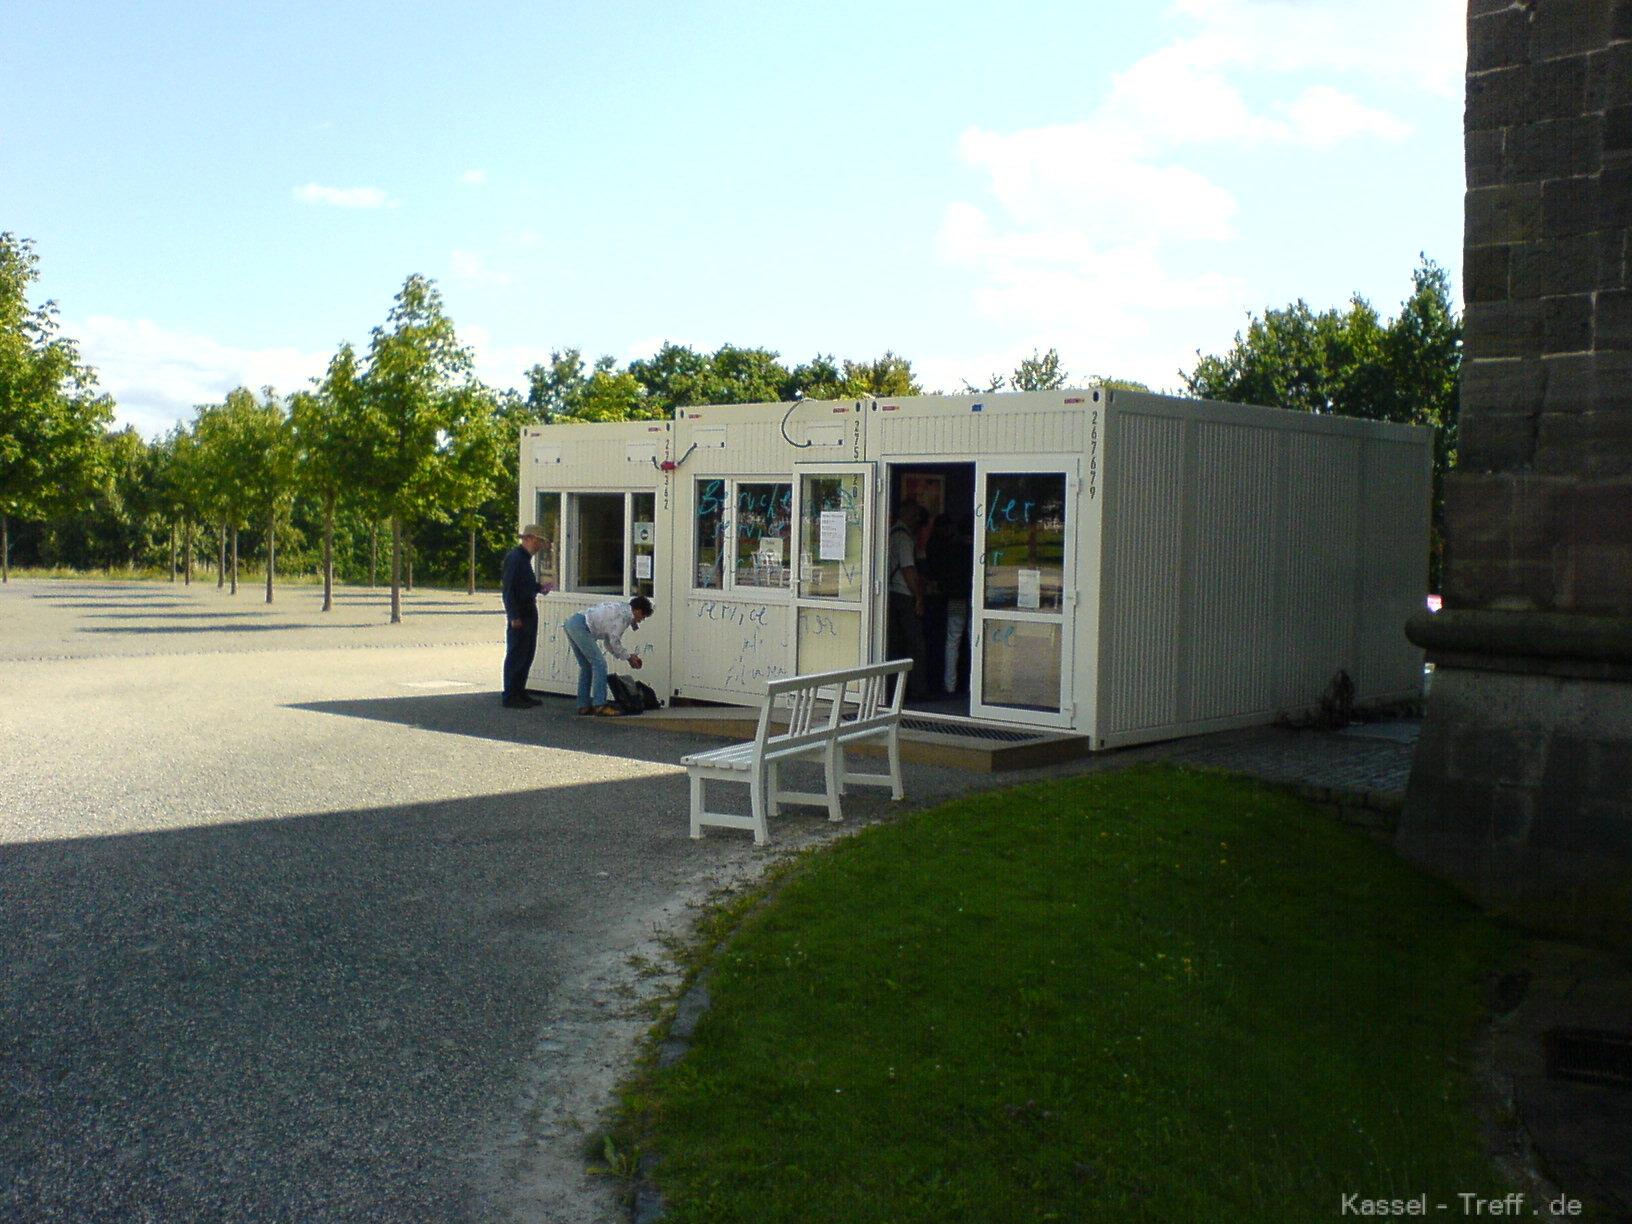 kartenverkauf-zur-documenta-12-am-container.JPG